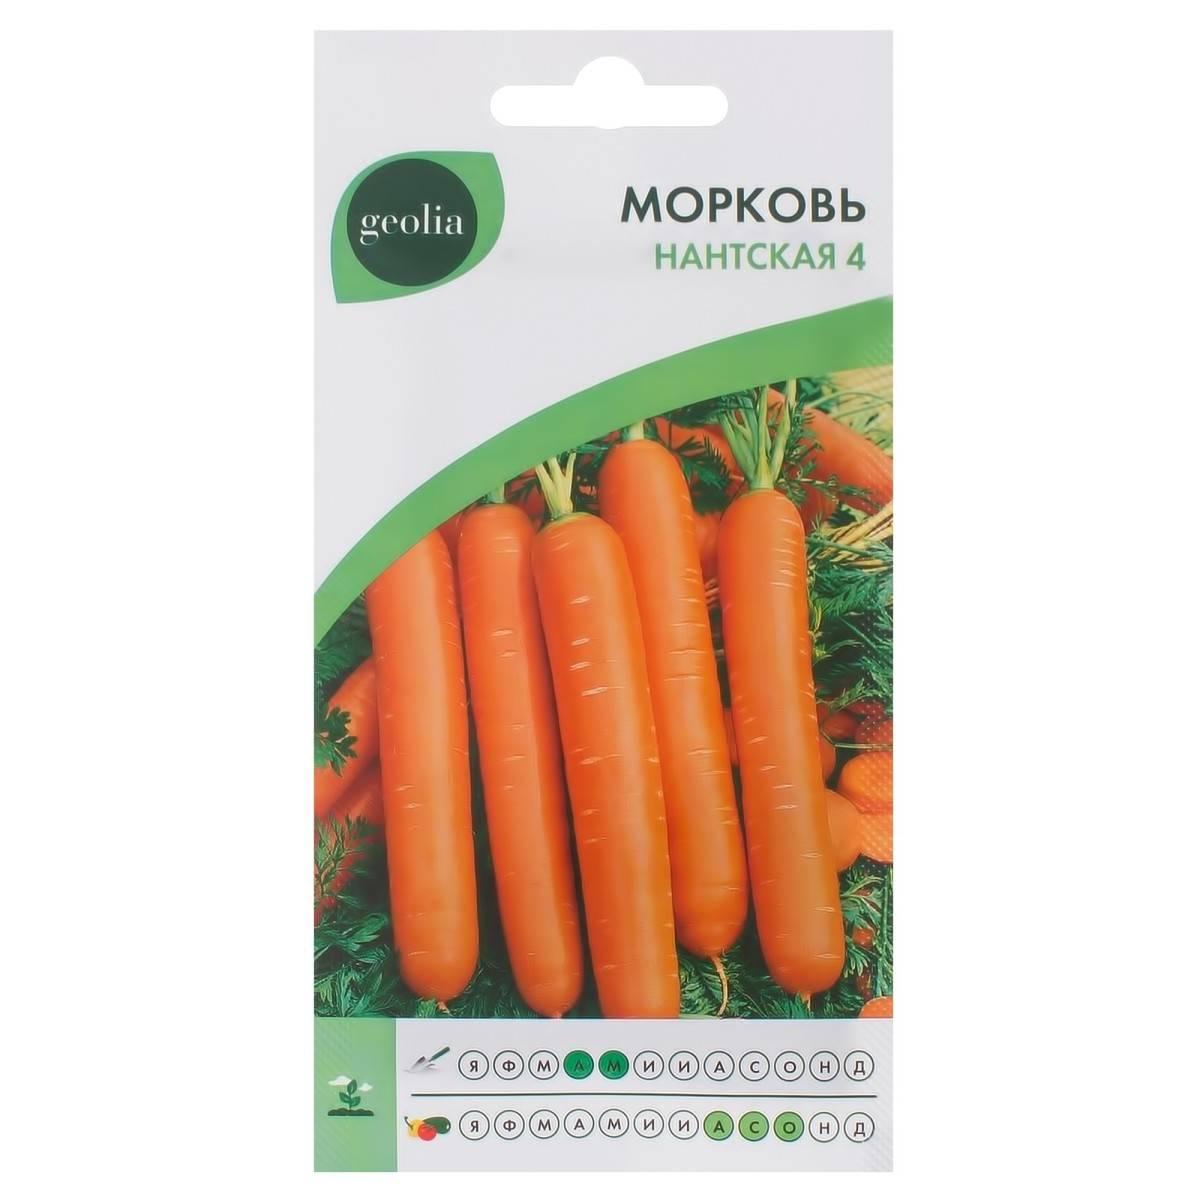 ✅ нантская 4: описание сорта моркови, характеристики, агротехника - tehnomir32.ru